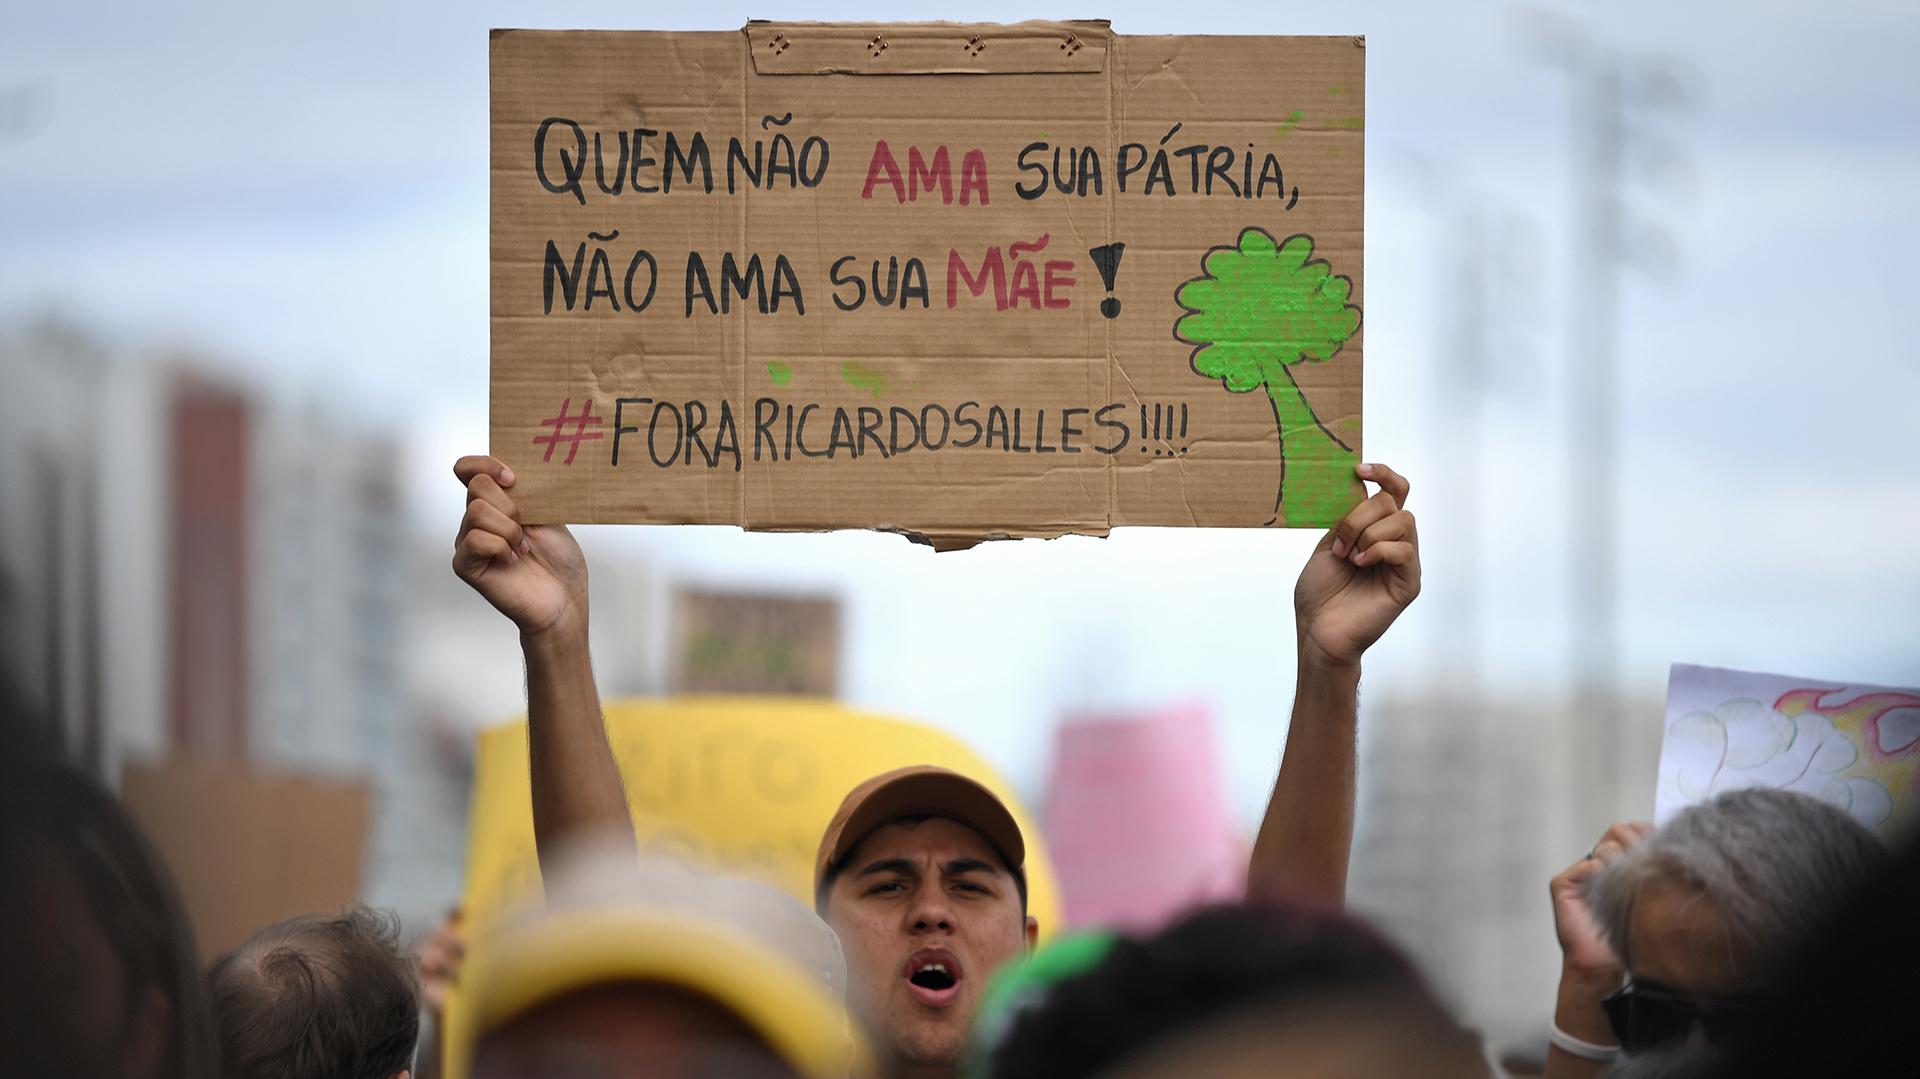 """Un activista sostiene un cartel que dice """"Aquel que no ama a su patria, no ama a su madre"""" durante la protesta. (Foto por Mauro PIMENTEL / AFP)"""